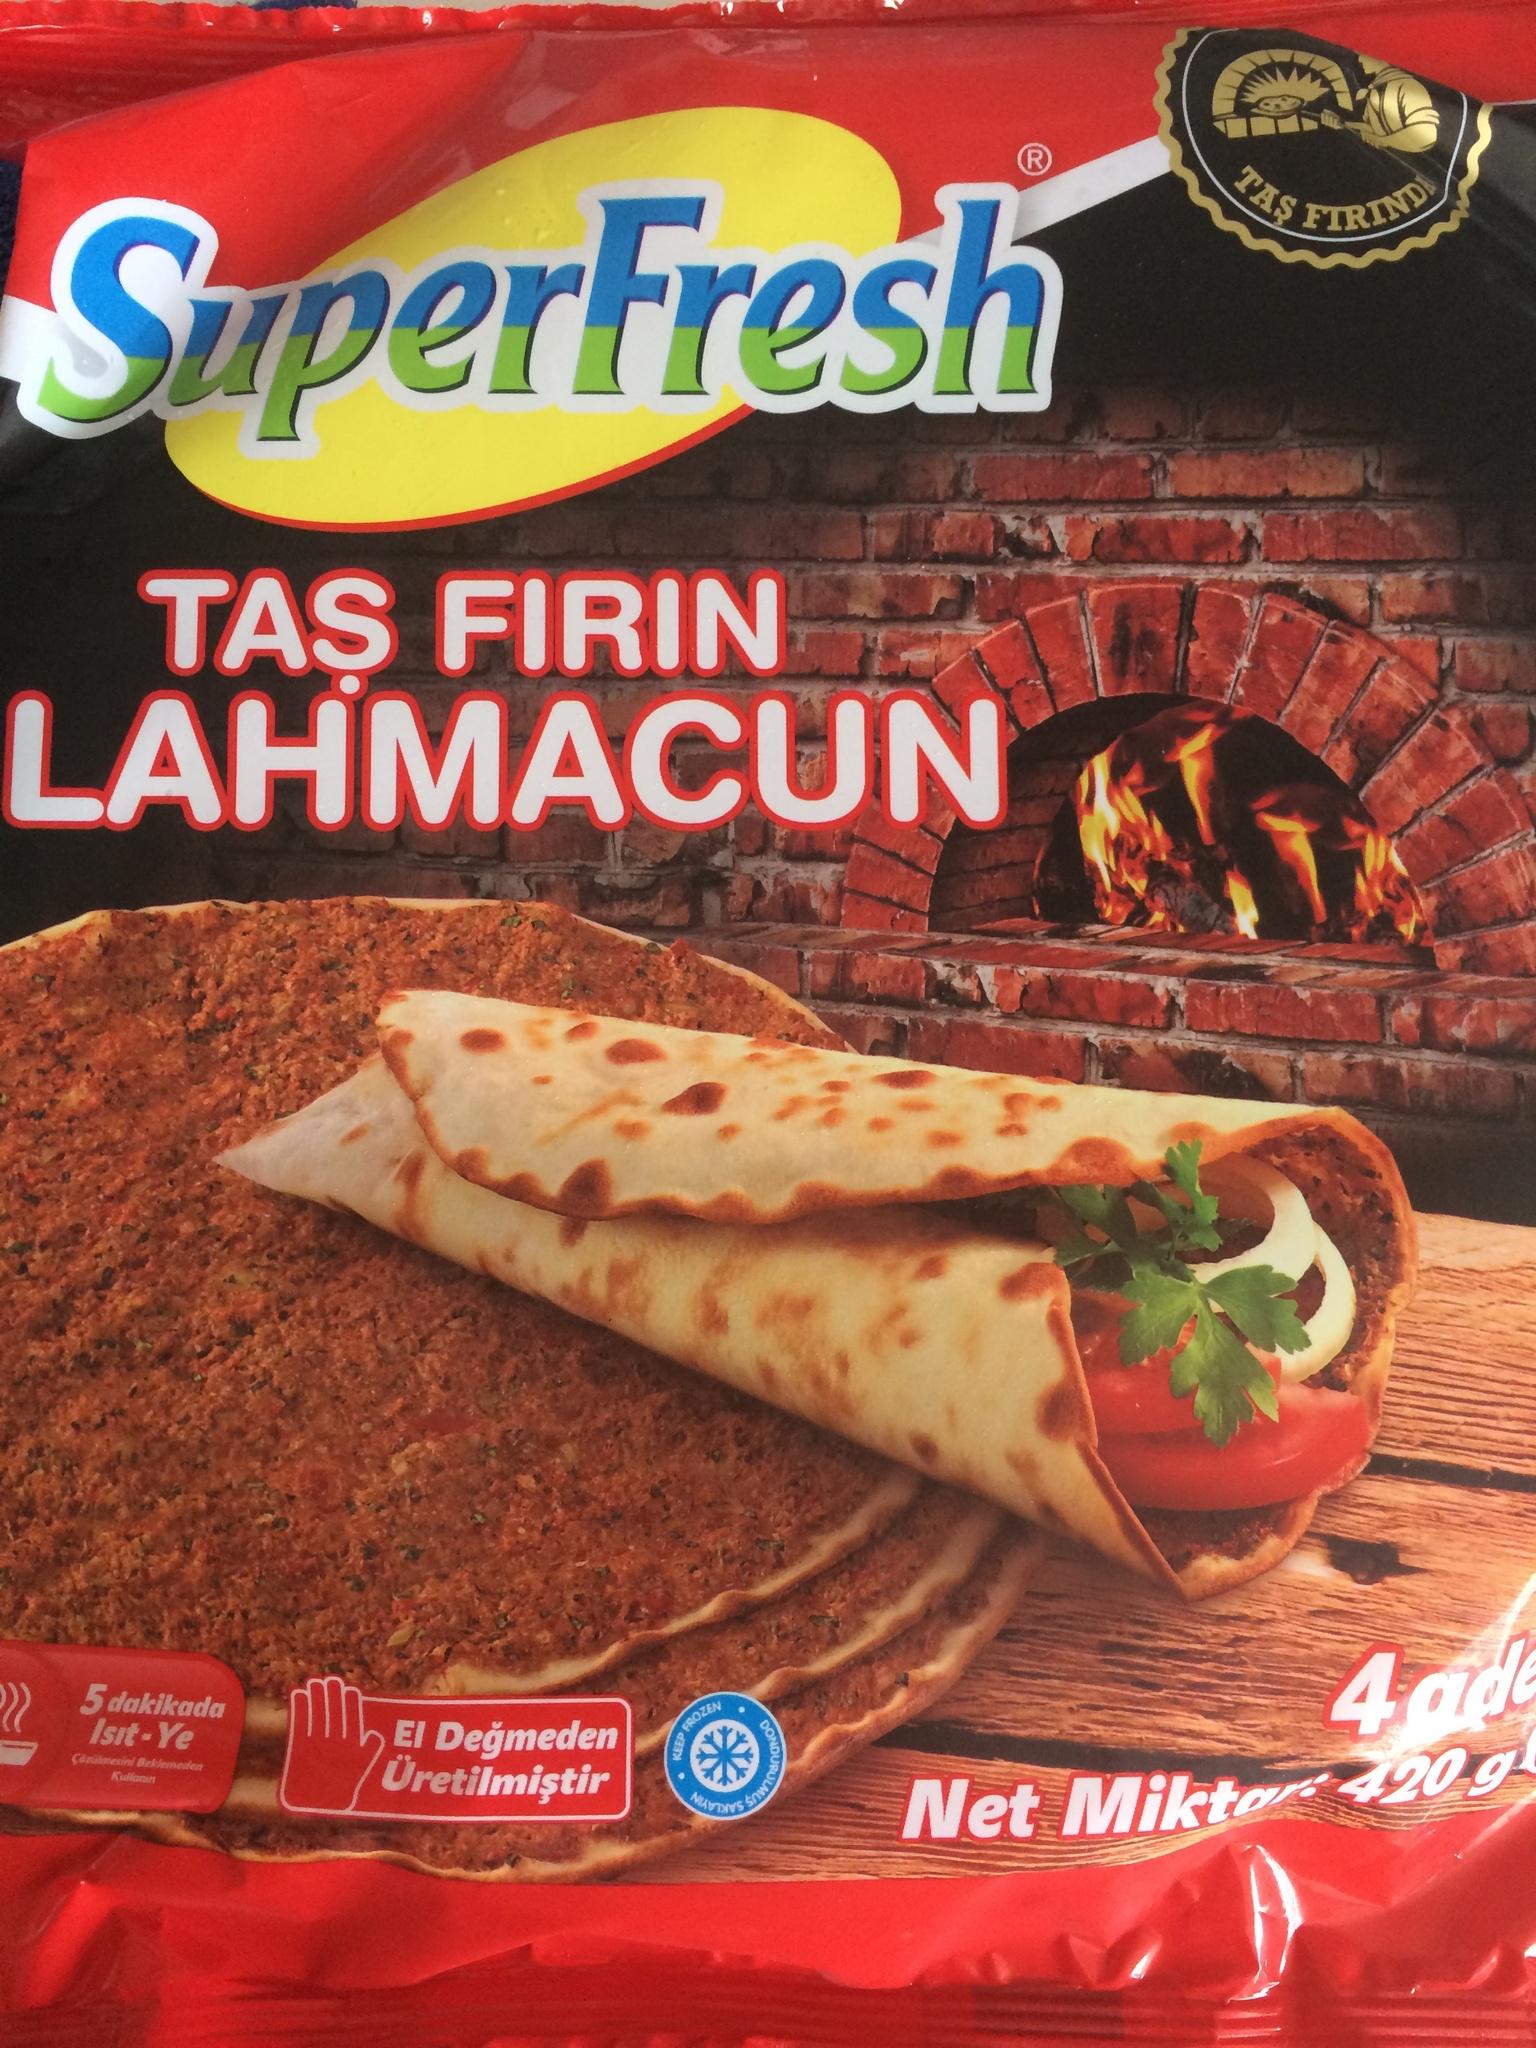 Superfresh Taş Fırın Lahmacun Rezalet Sayfa 1 1